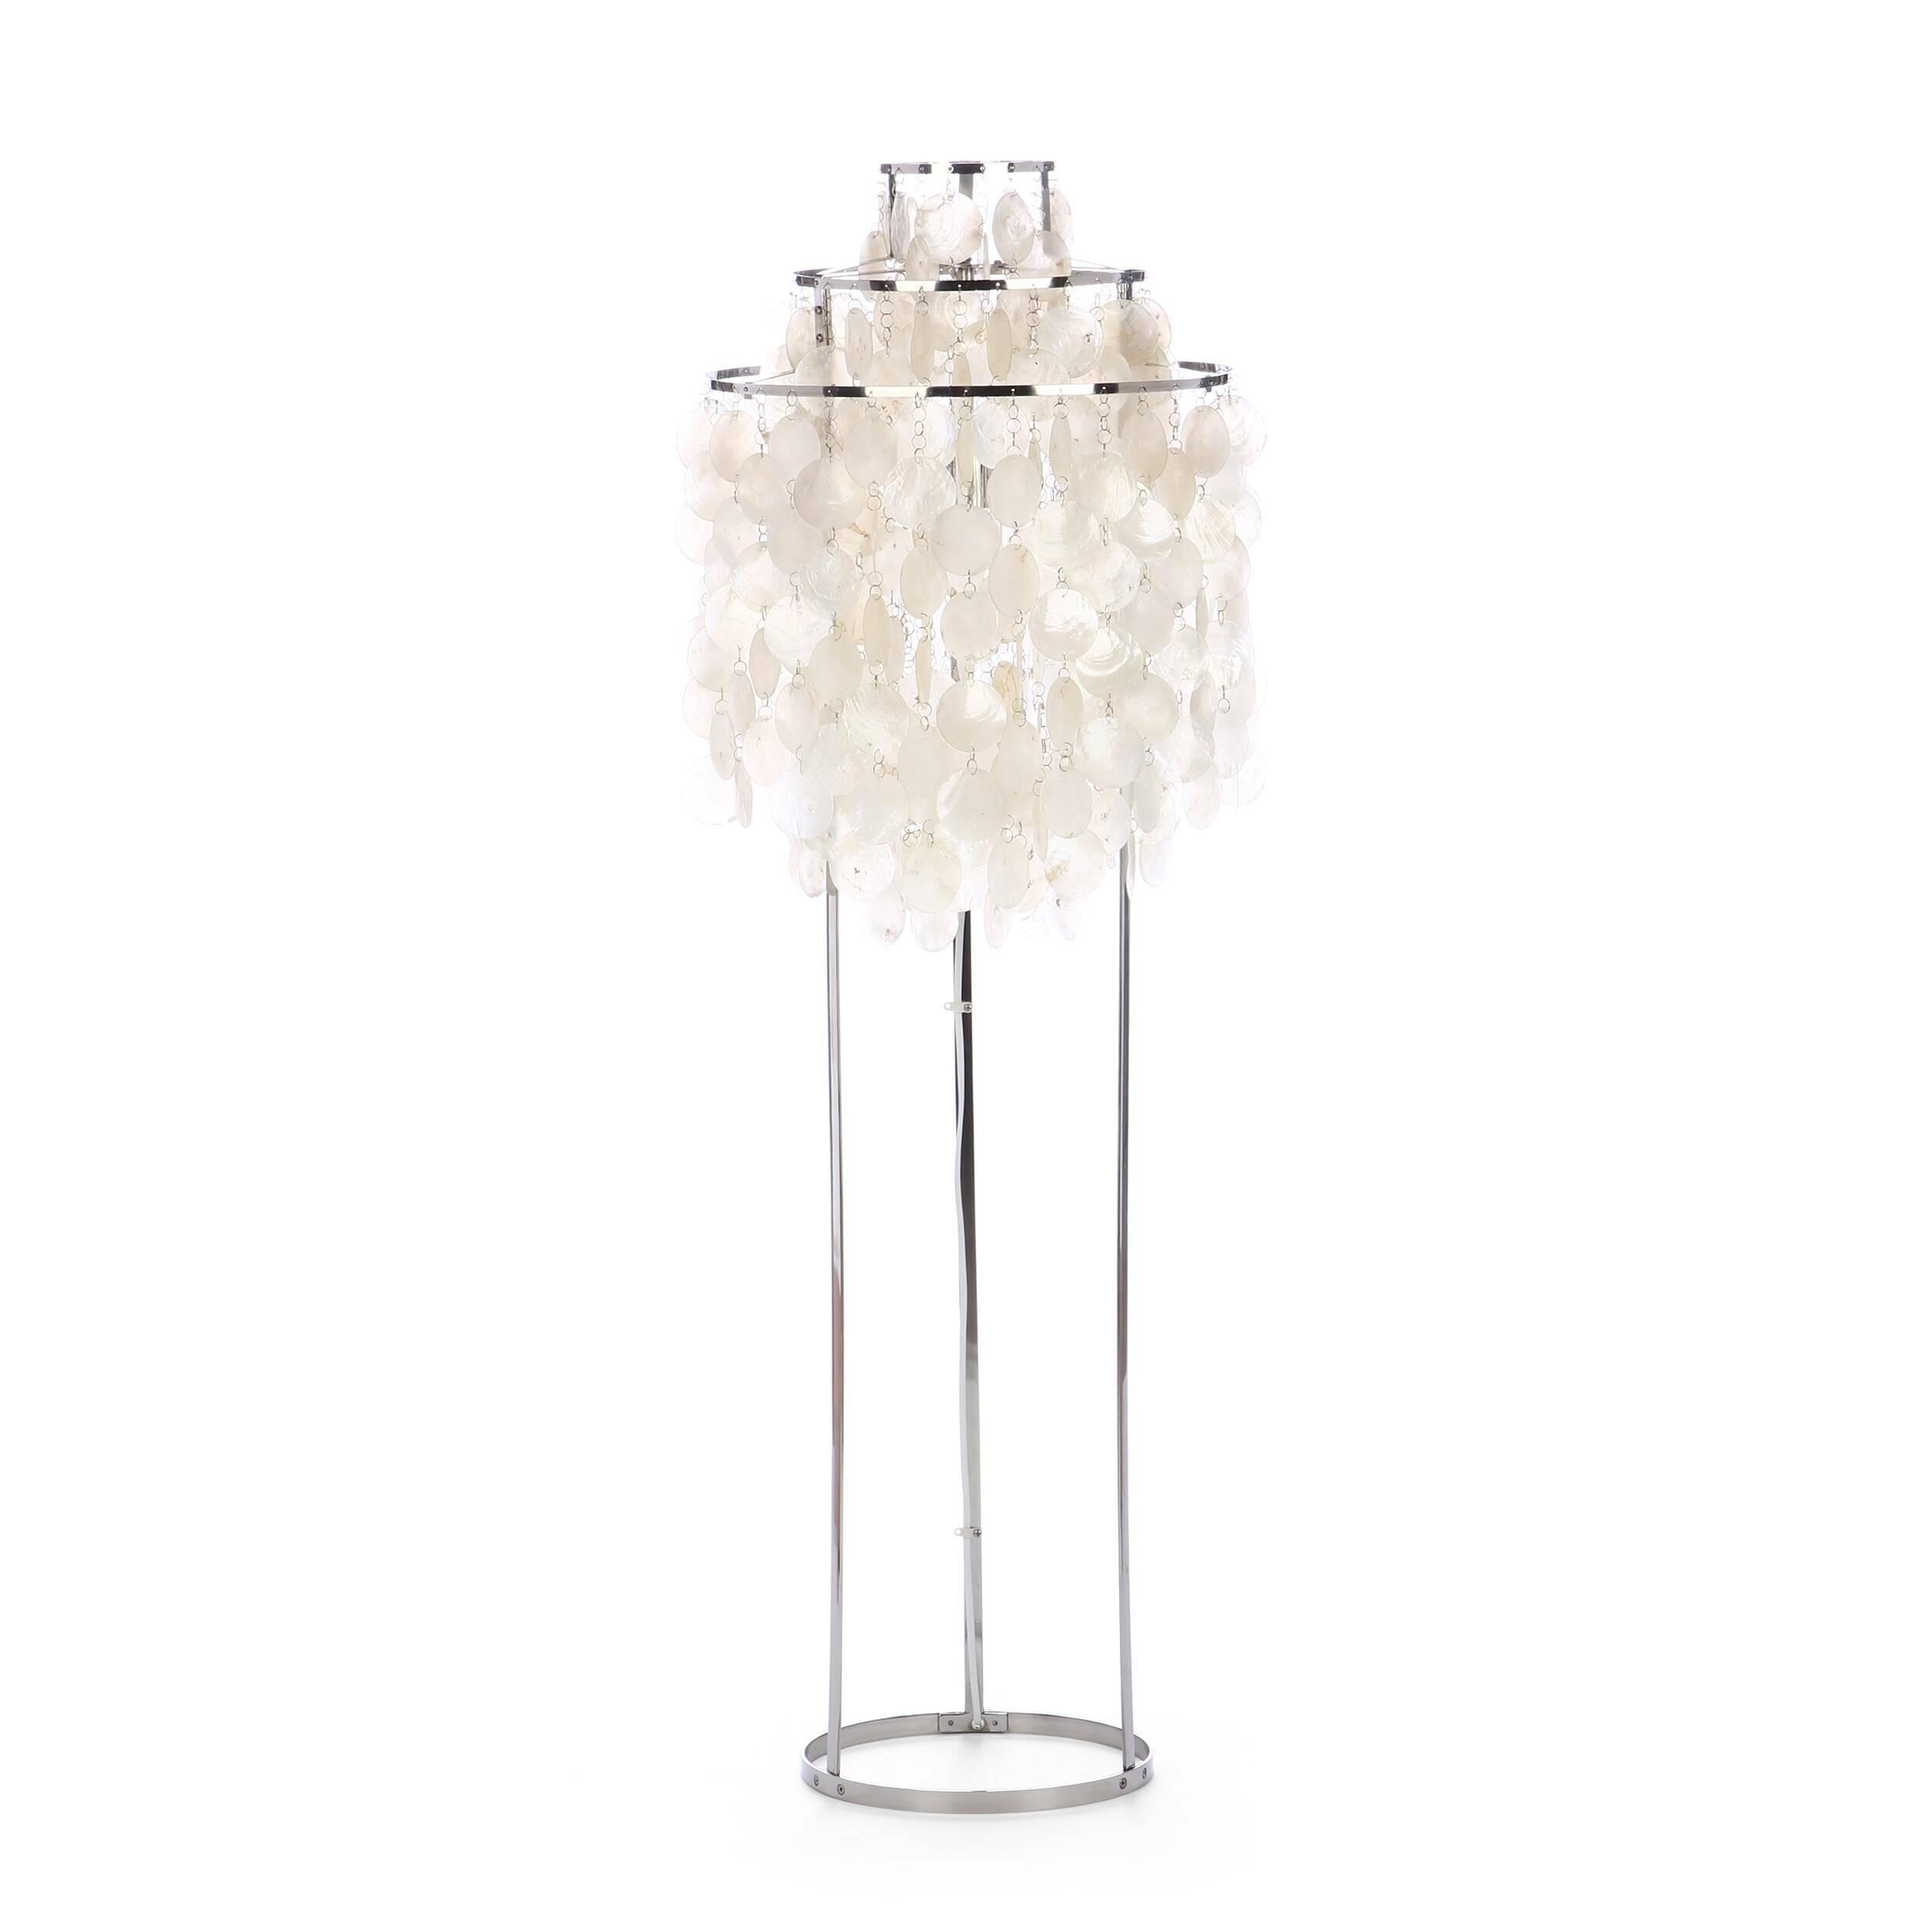 Напольный светильник Fun 1STMНапольные<br>Напольный светильник Fun 1STM — часть знаменитой серии Fun, разработанной в 1964 году Вернером Пантоном. Это современная классика дизайна, которую сегодня уже расценивают как уникальное произведение искусства. Висящие перламутровые диски создают образ водопада и производят почти гипнотический эффект. <br><br><br><br>Напольный светильник Fun 1STM способен привнести в ваш дом или офис артистическое настроение. Почему бы не окружить себя предметами интерьера, которые стимулируют воображение и напол...<br><br>stock: 3<br>Высота: 120<br>Диаметр: 45<br>Материал абажура: Раковина диски<br>Материал арматуры: Сталь<br>Напряжение: 220